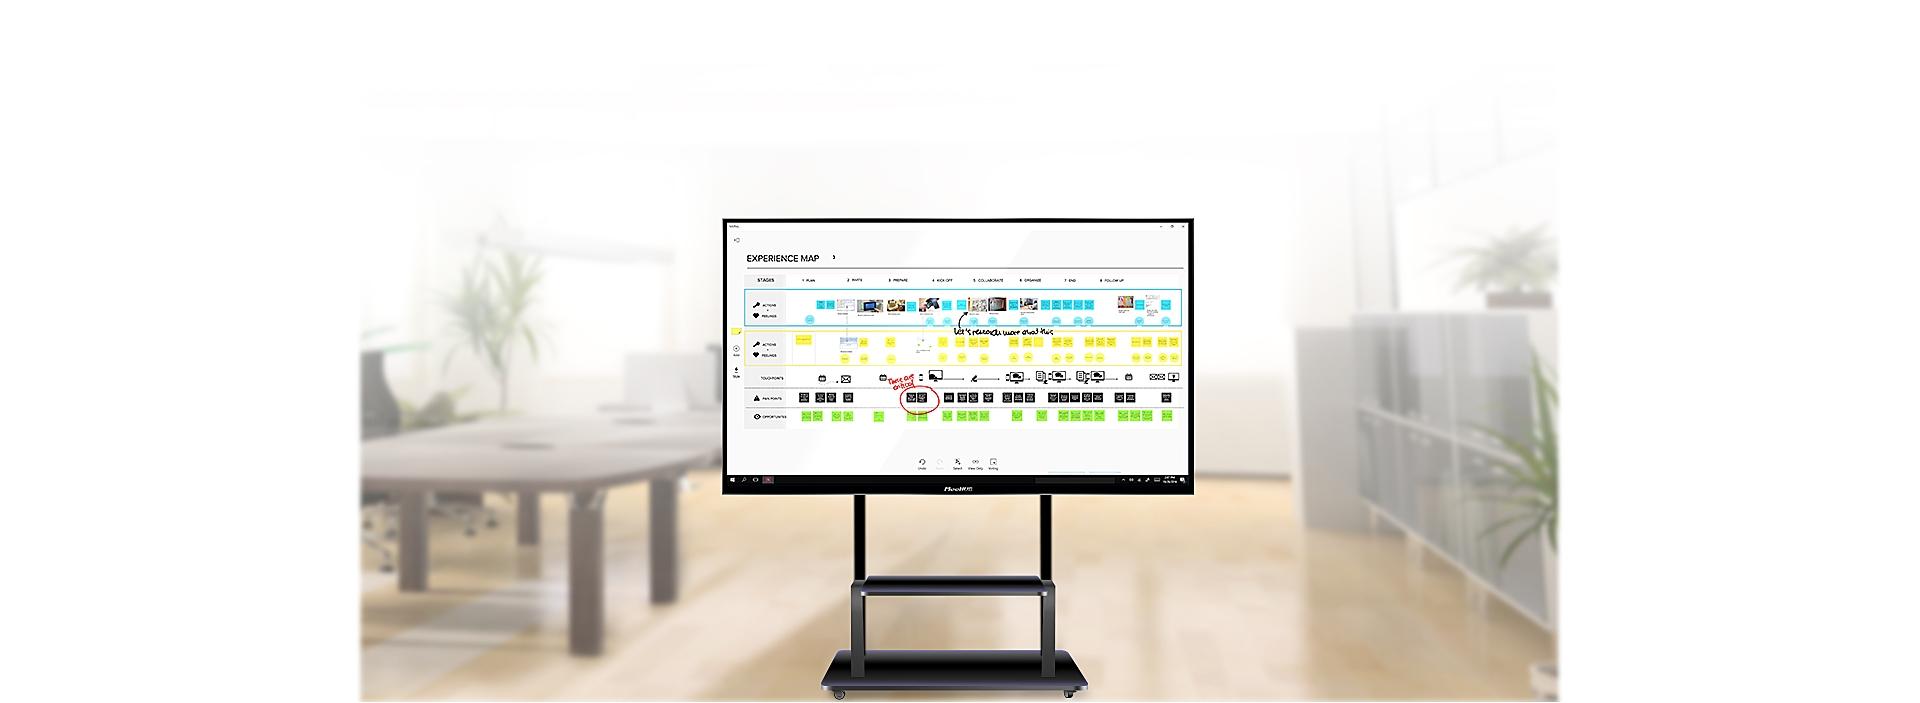 MeeHUB智能会议平板_电容触控_随时批注_无线投屏_多屏互动_提高会议效率MeeHUB智能会议平板:智能书写、无线传屏、视频会议、多屏互动、随时批注、手背擦除、多手势操作、扫码带走等特点,为您带来大屏智能互动新体验!